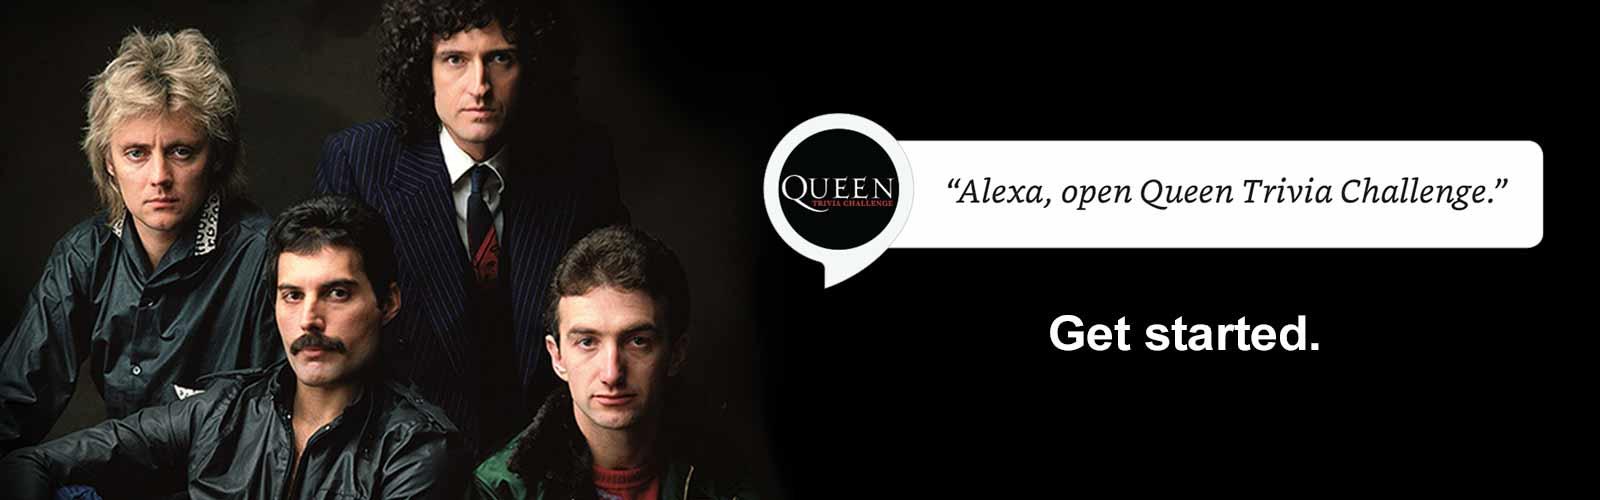 Alexa open Queen Trivia